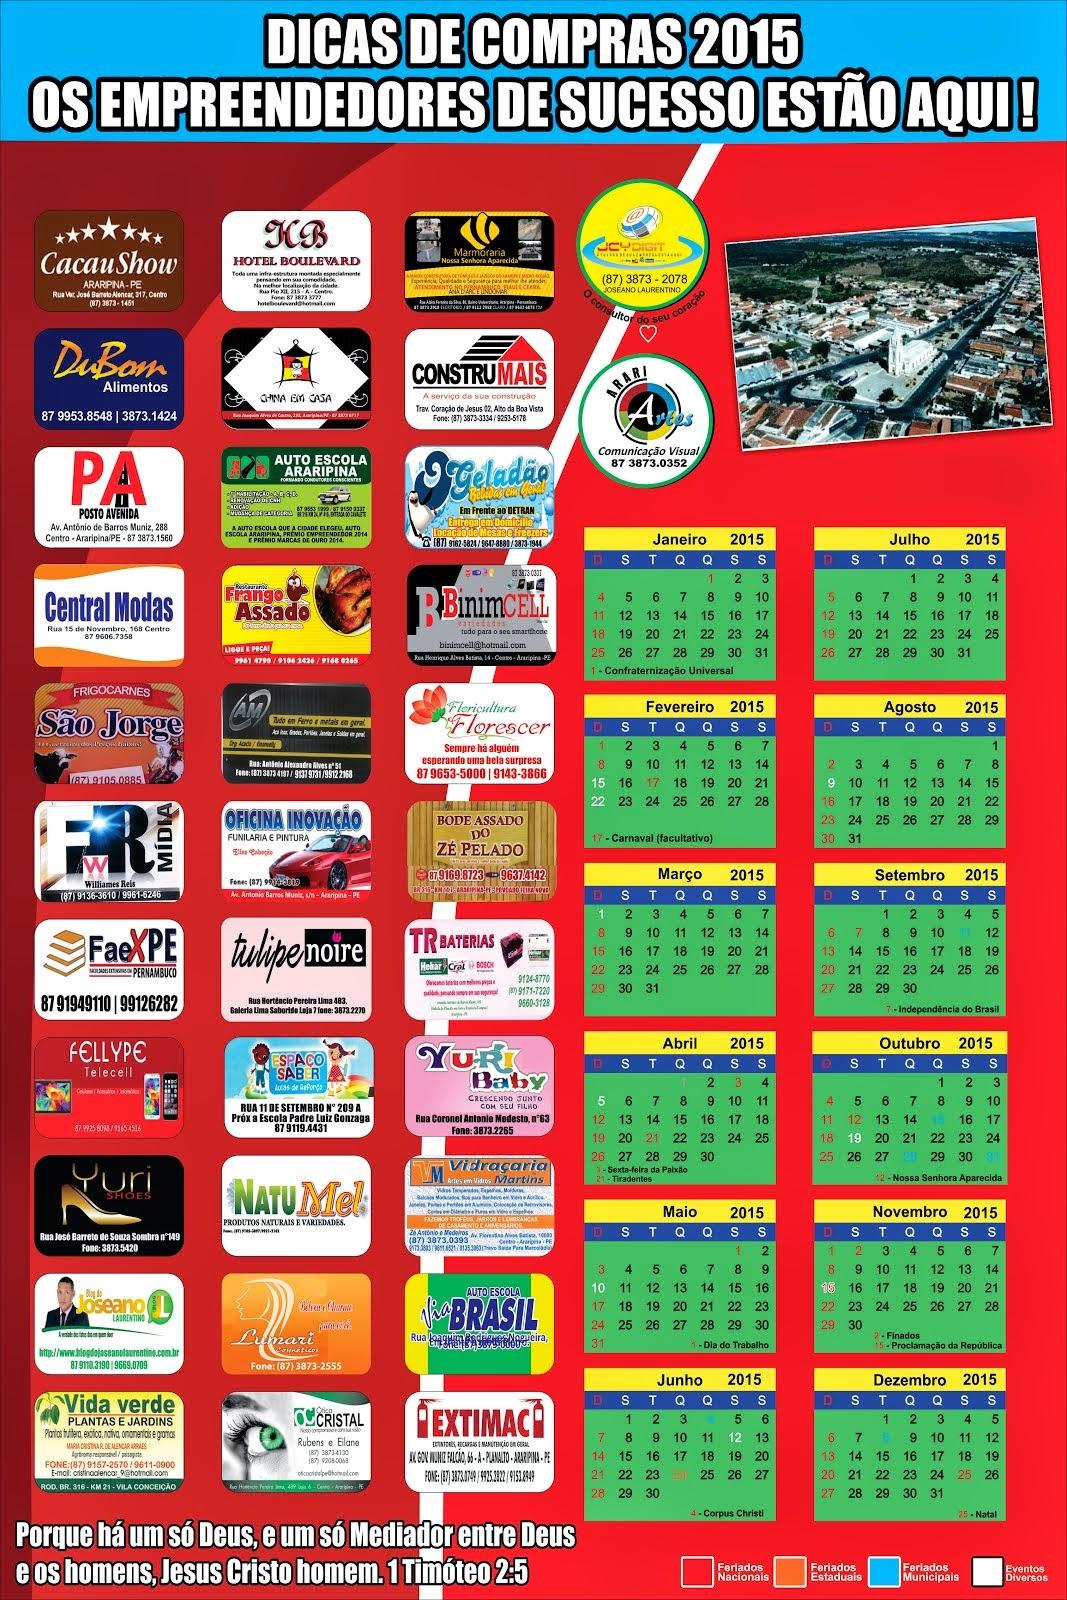 DICAS DE COMPRAS EM ARARIPINA 2015